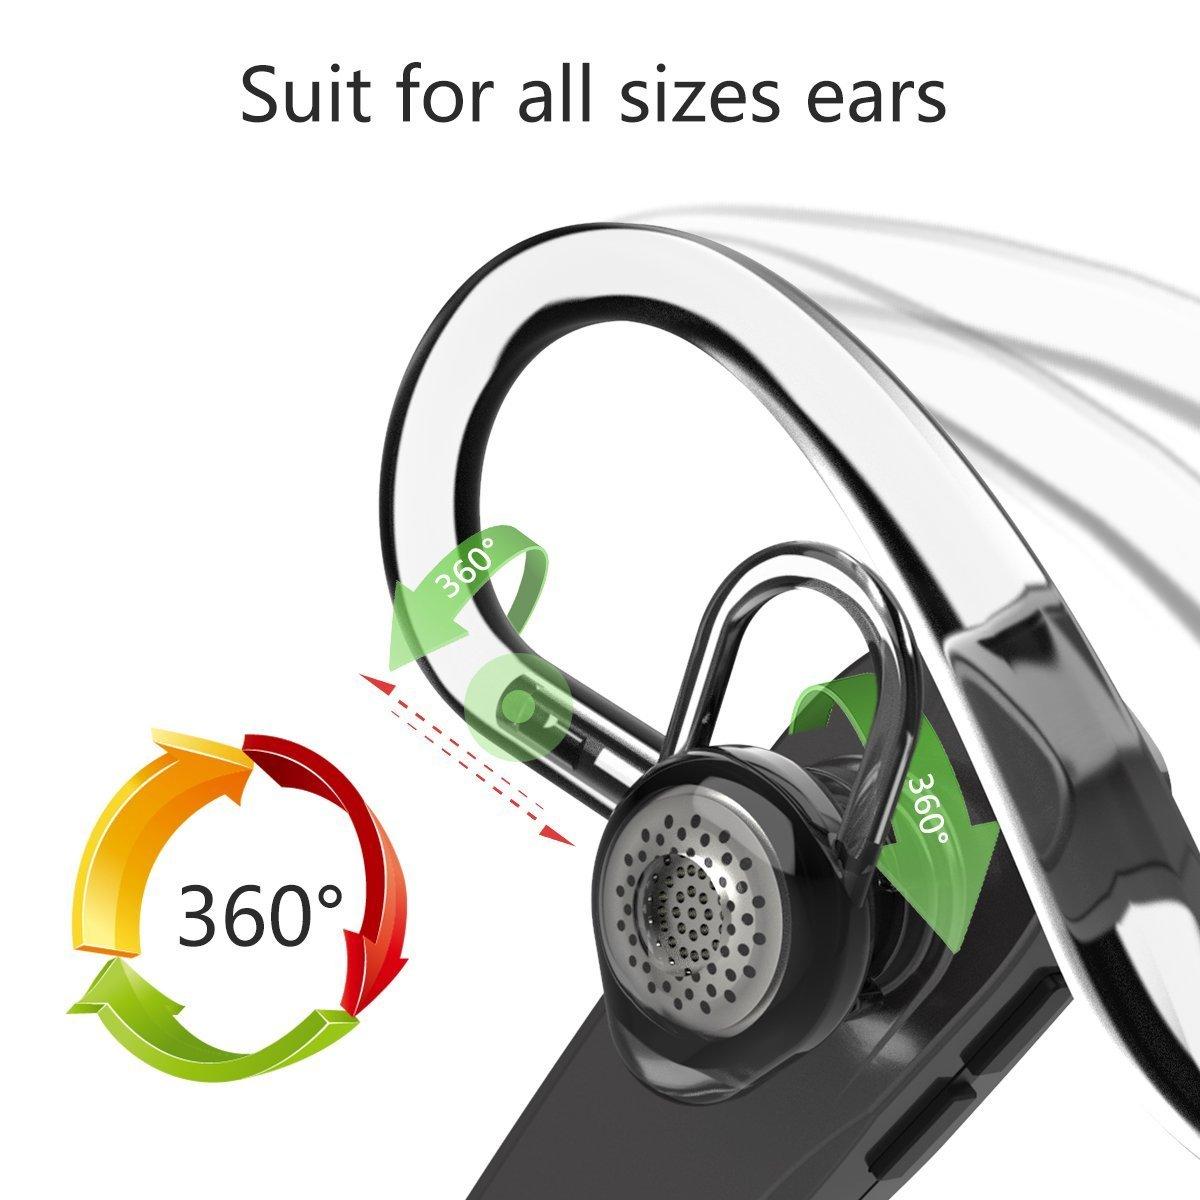 Headset Bluetooth, Drahtloses Bluetooth Headset Handy V4.1 freisprechanlage bluetooth ohr Handfreies Ohrhörer mit Mute Ohrhörer mit Mikrofon für Auto/LKW Fahrer Headsets für iphone Samsung